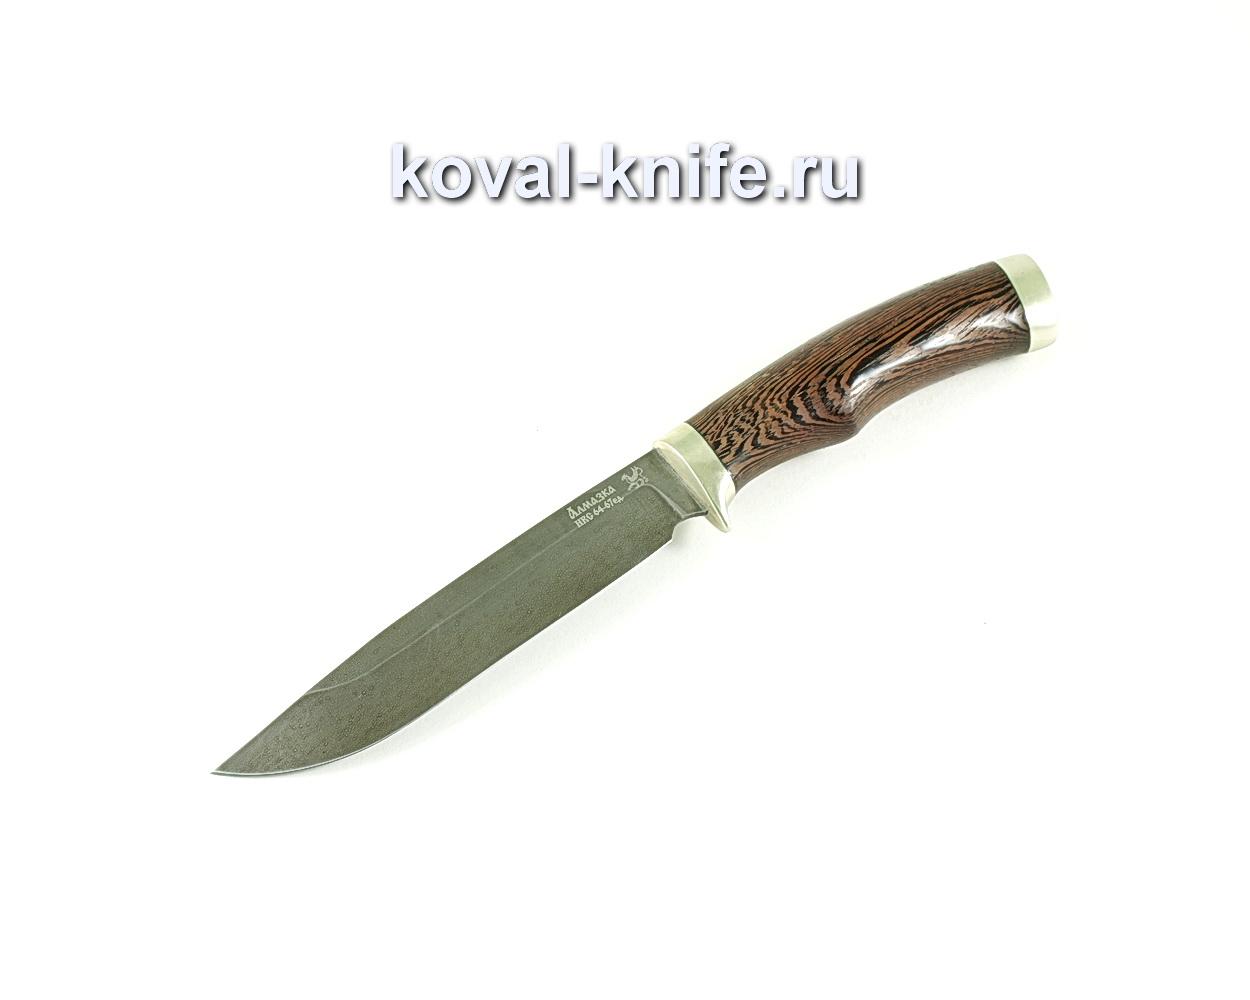 Нож Турист (сталь ХВ5-Алмазка), рукоять венге, литье A127